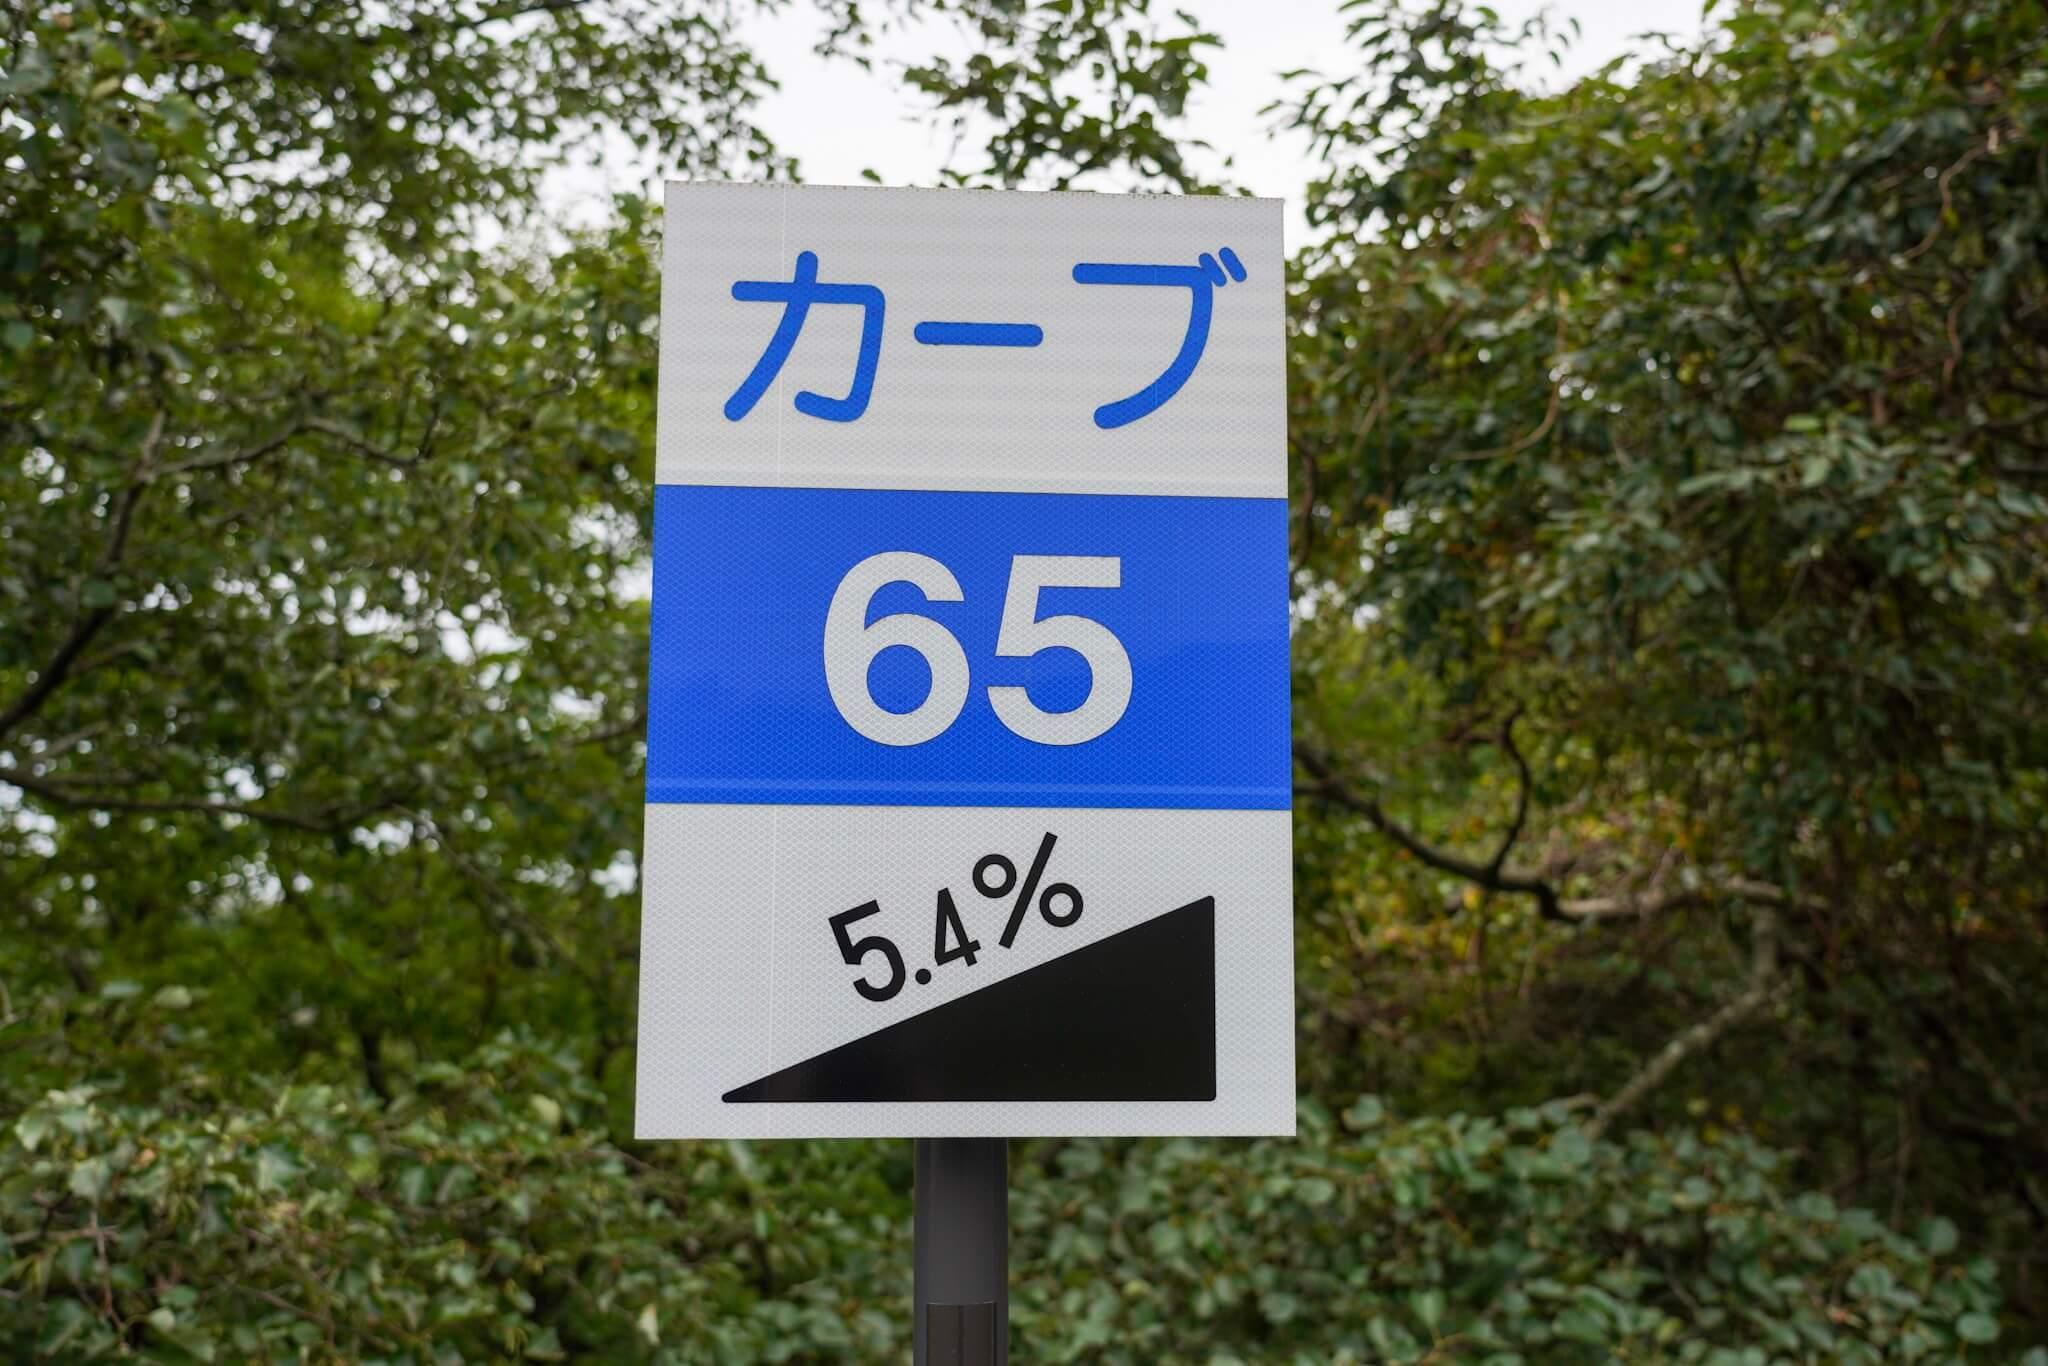 赤城山 峠 カーブNo.65